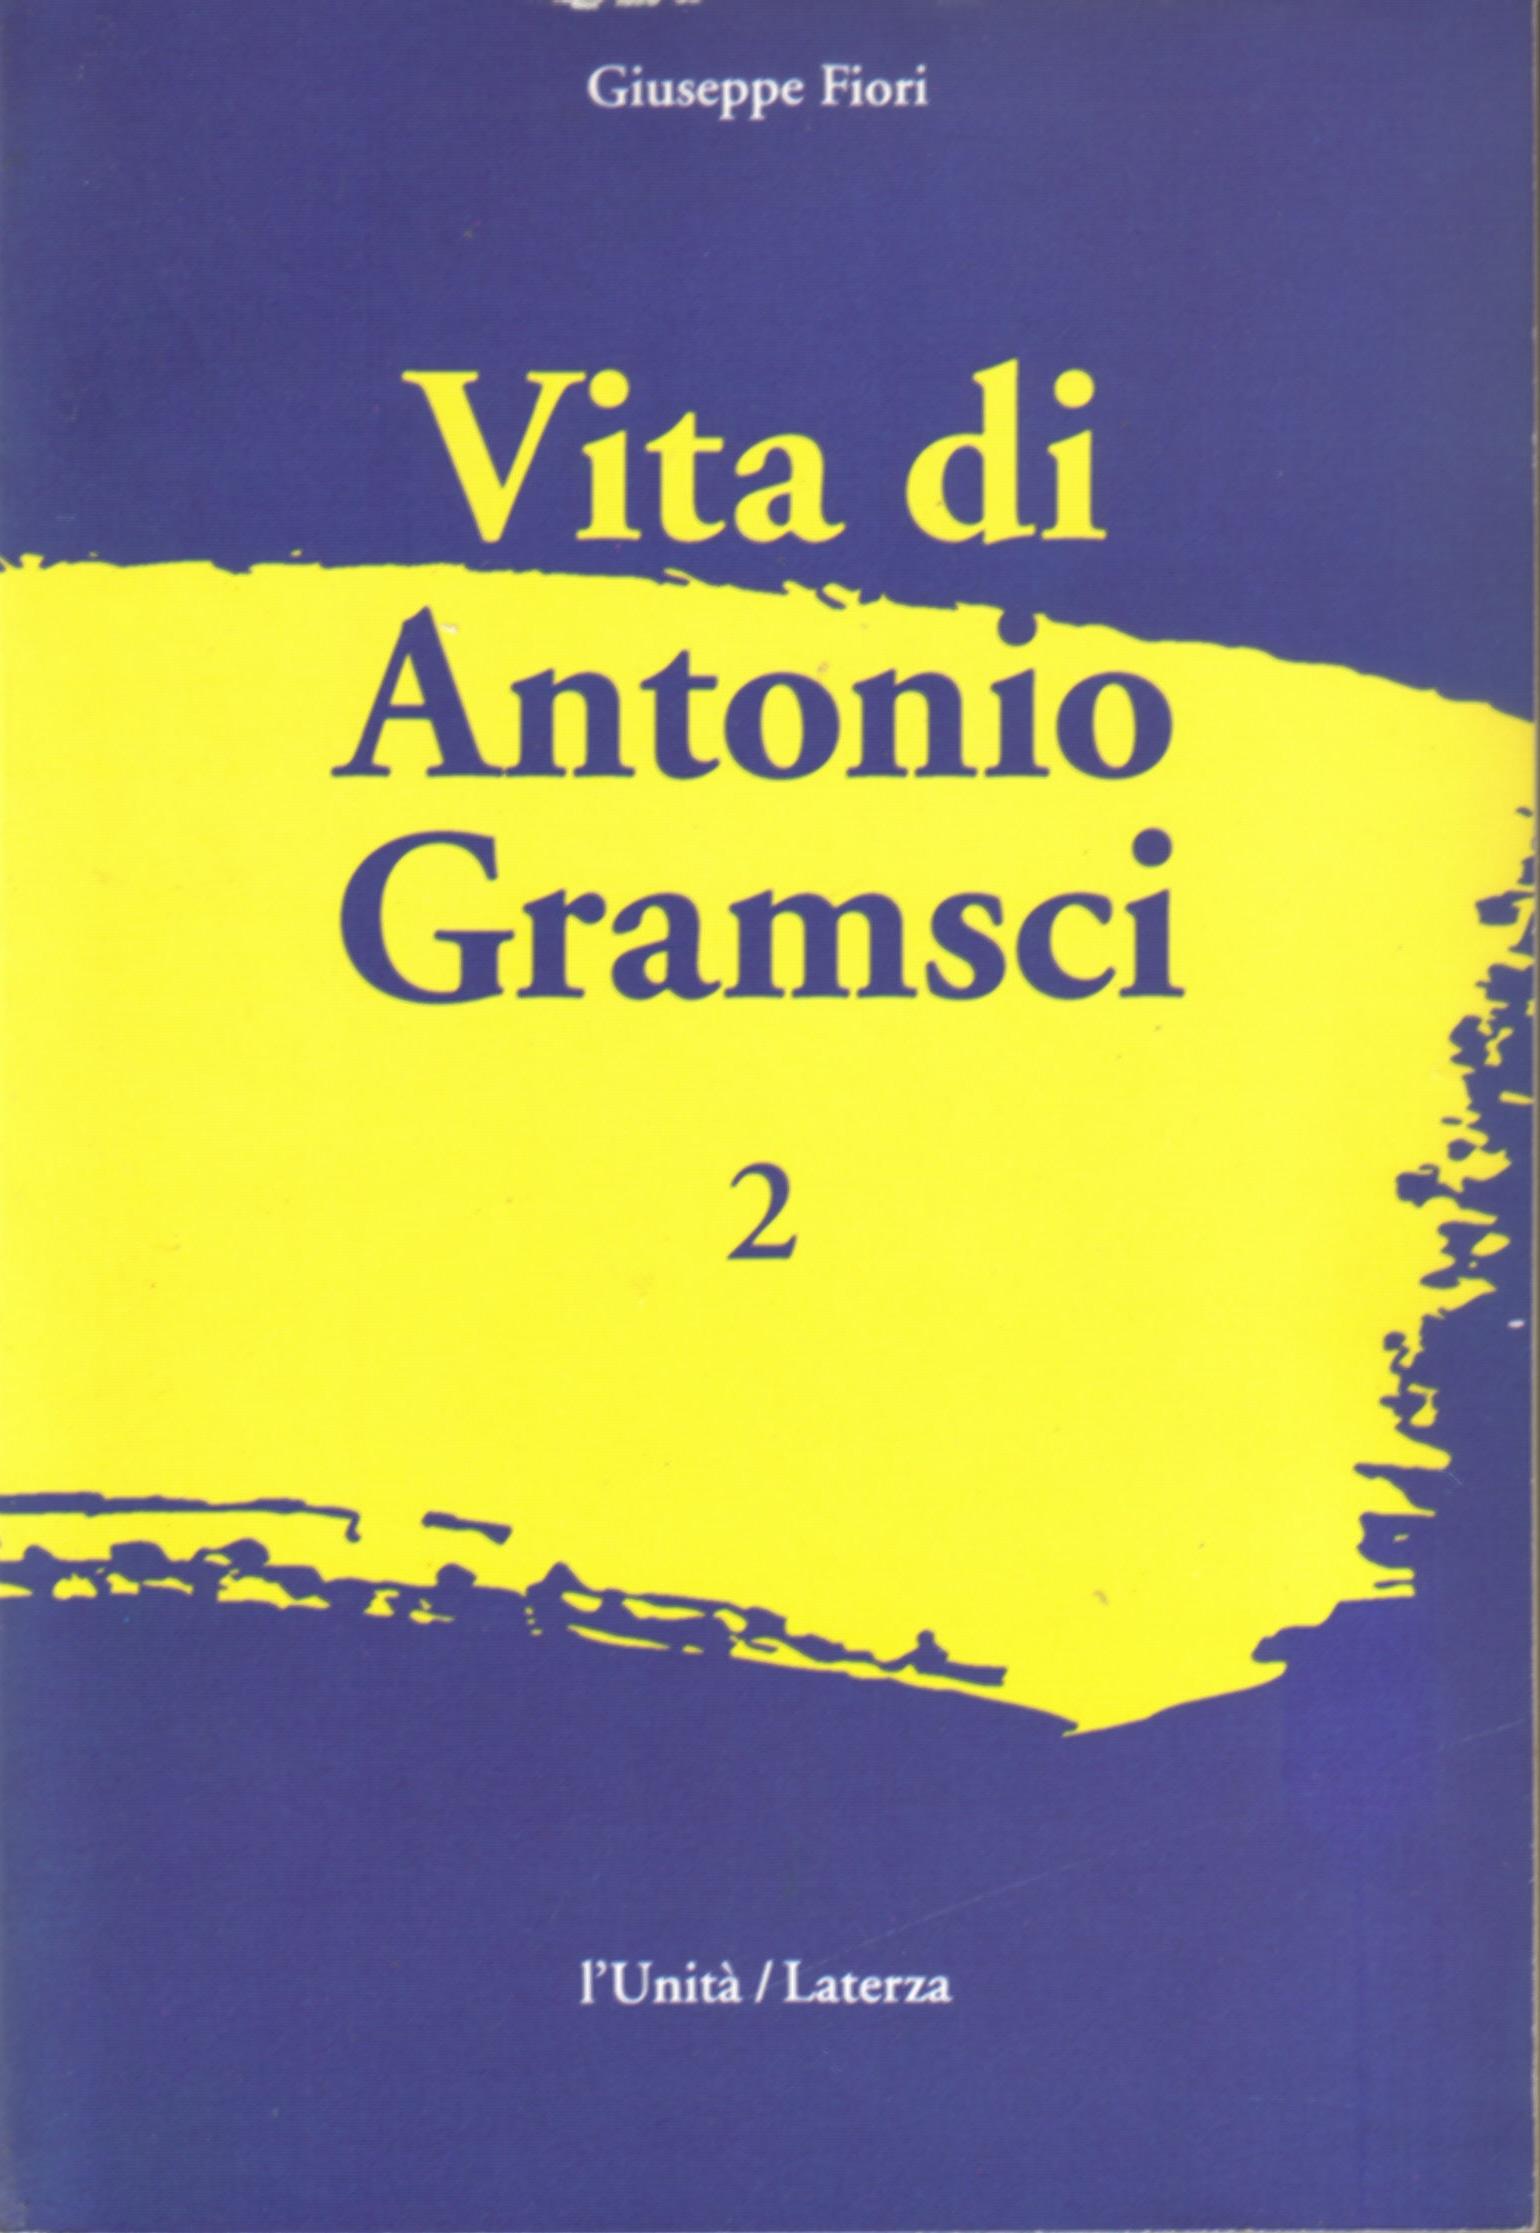 Vita di Antonio Gramsci vol. 2